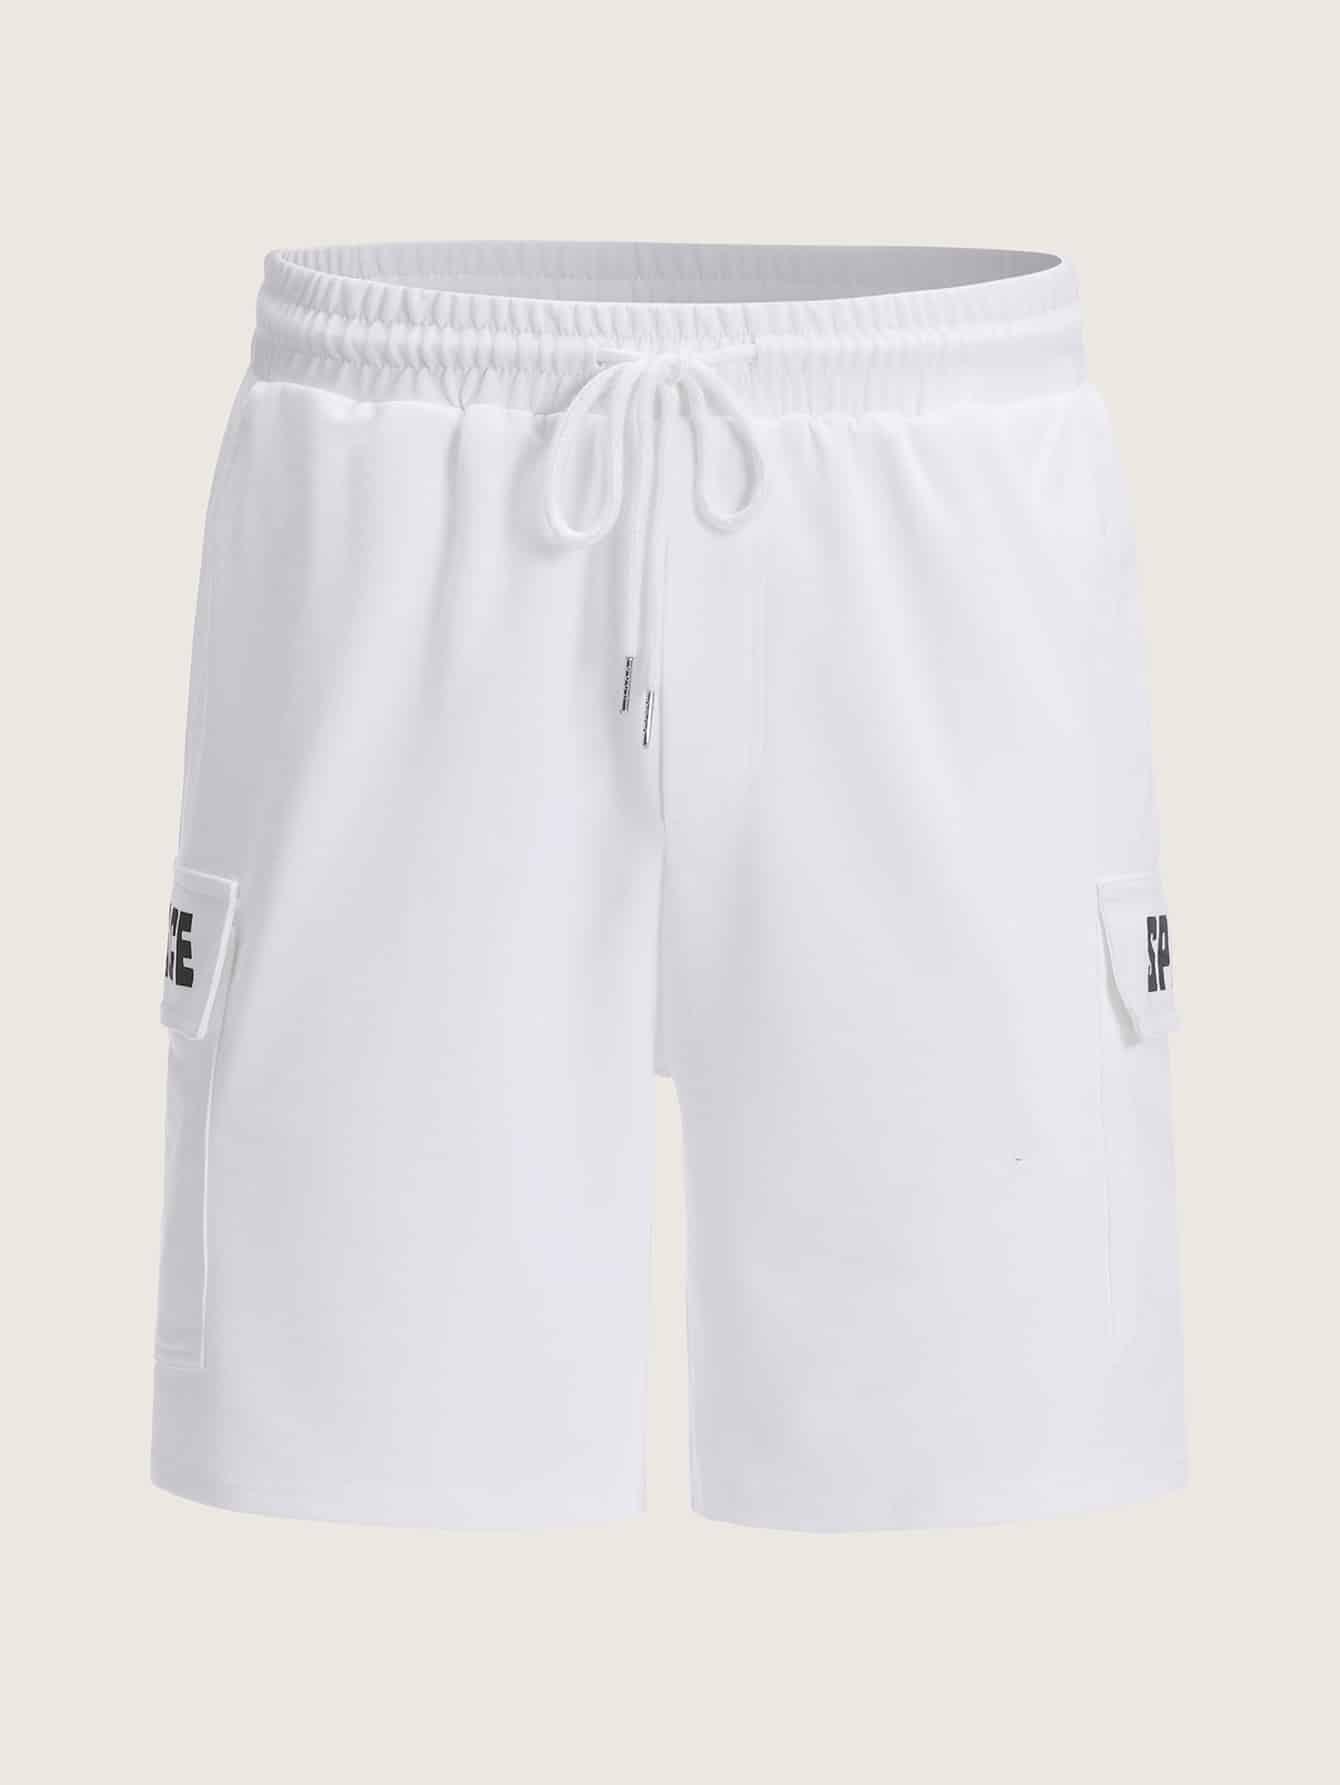 Фото - Мужские шорты с текстовым принтом от SheIn белого цвета